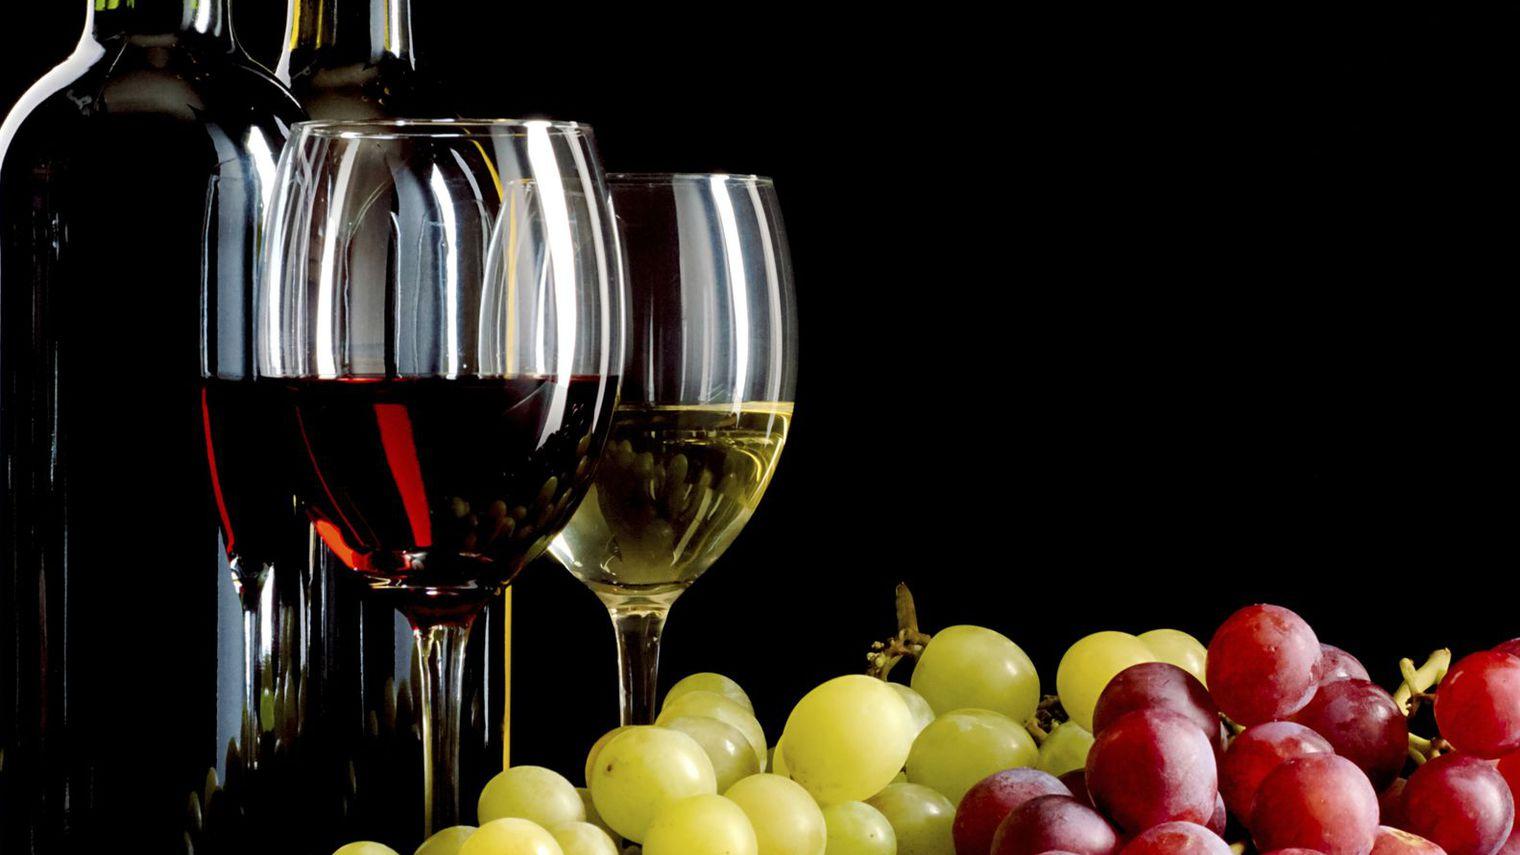 Boissons alcoolisées : quel est votre breuvage préféré ?